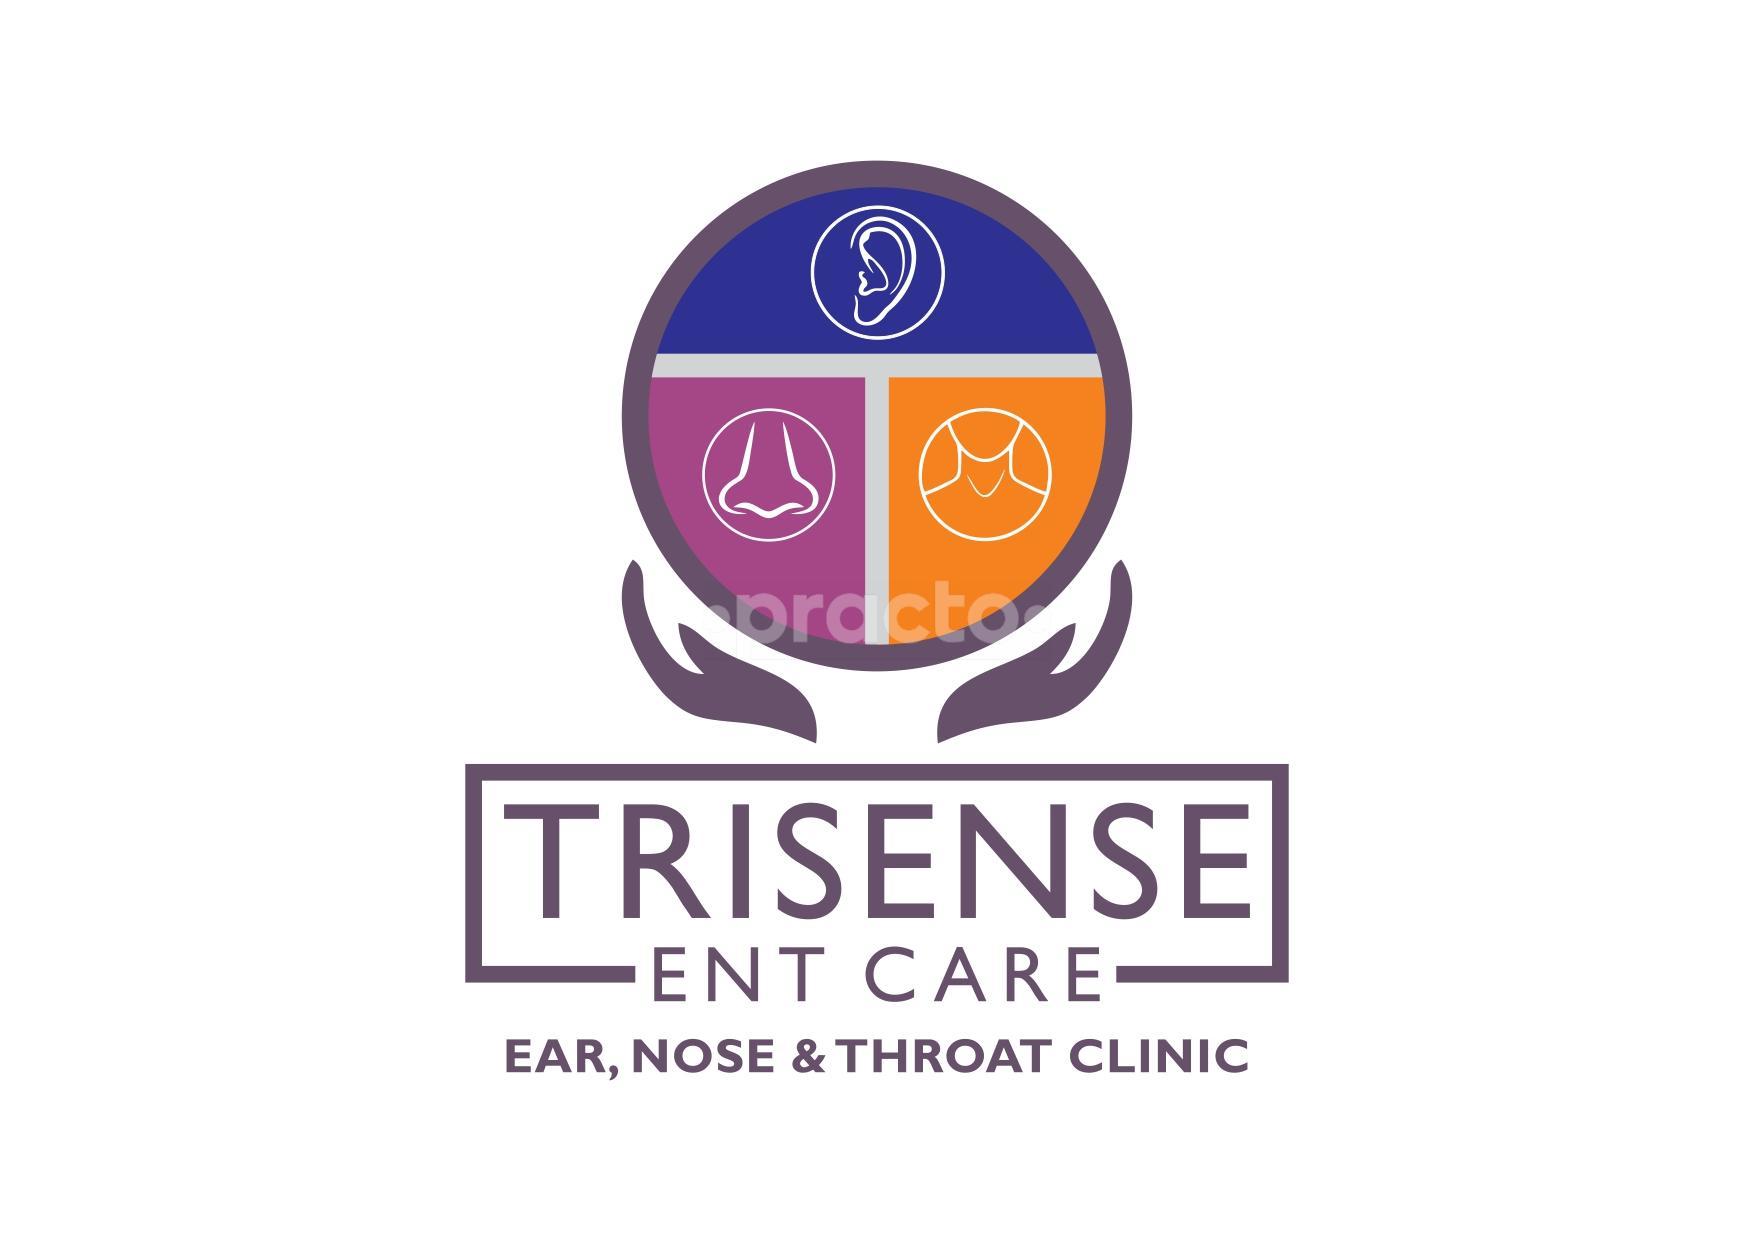 Trisense ENT Care